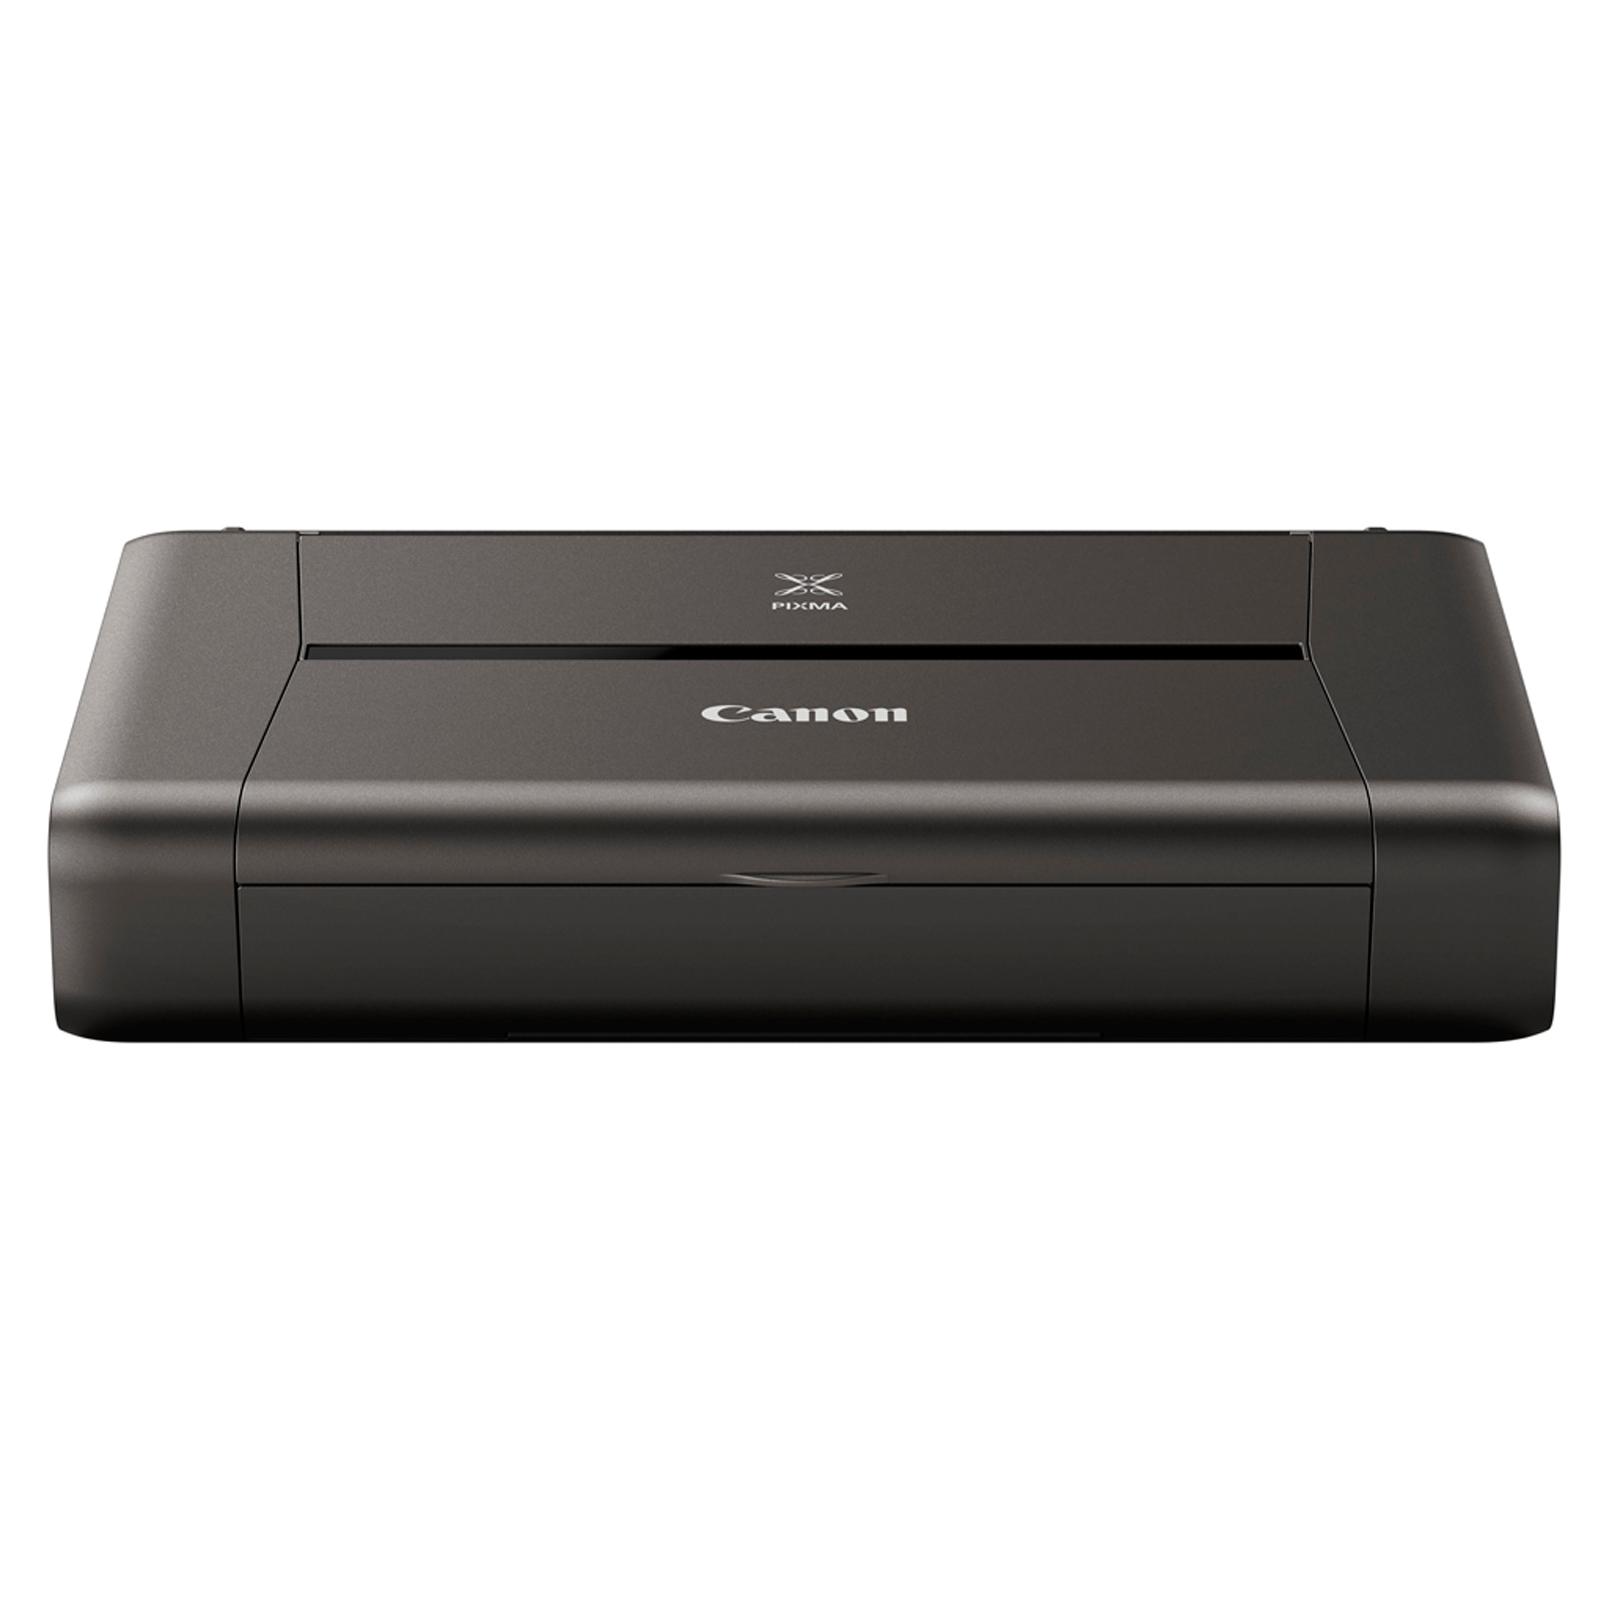 Imprimante jet d'encre Canon PIXMA iP110 sans batterie Imprimante jet d'encre (USB 2.0/Wi-Fi)